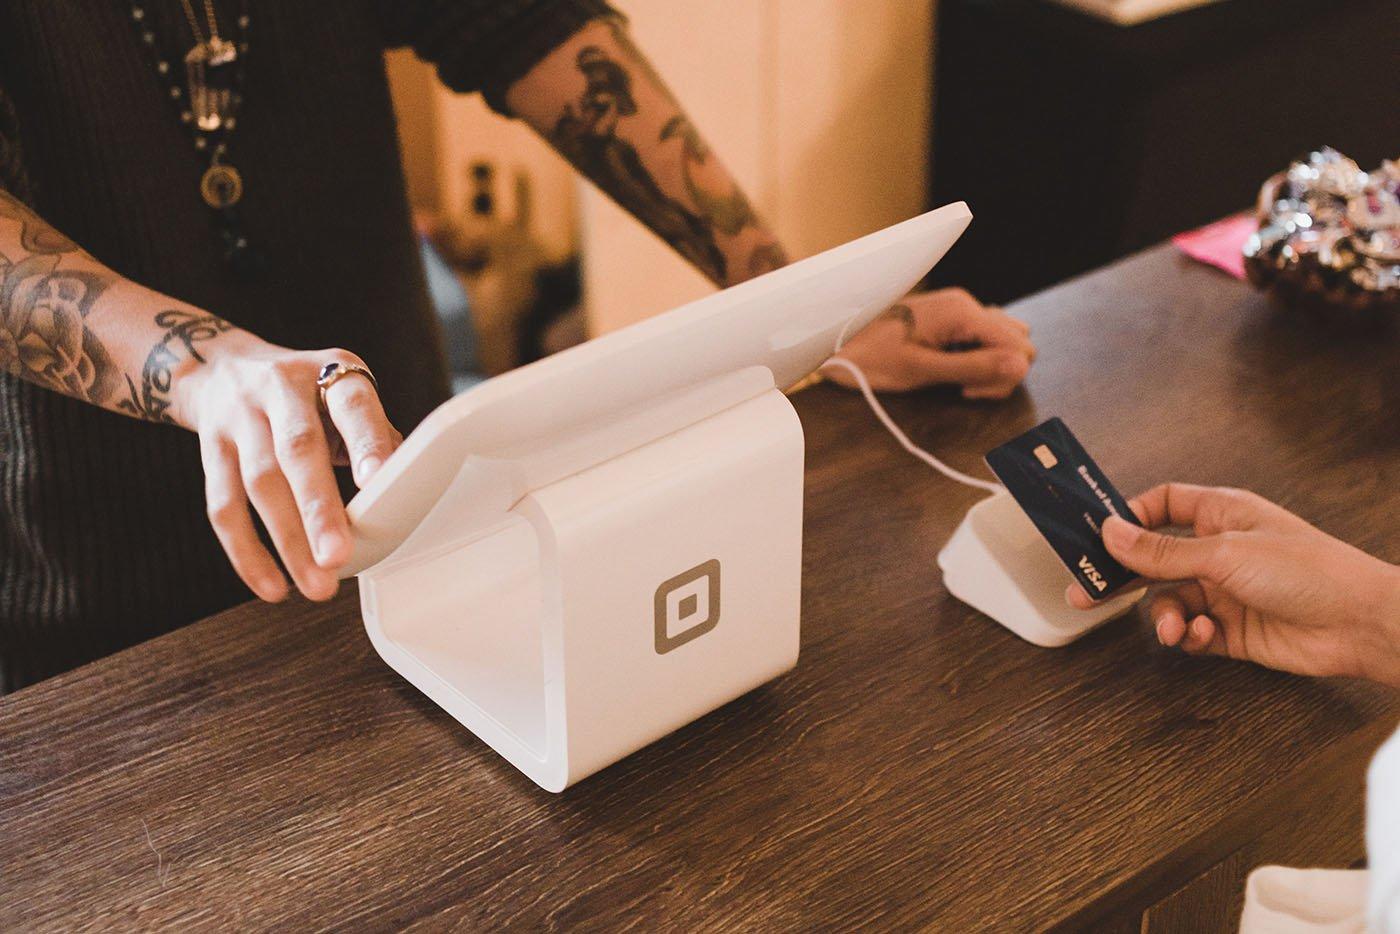 Maksupalvelut ovat siirtyeet tabletteihin.